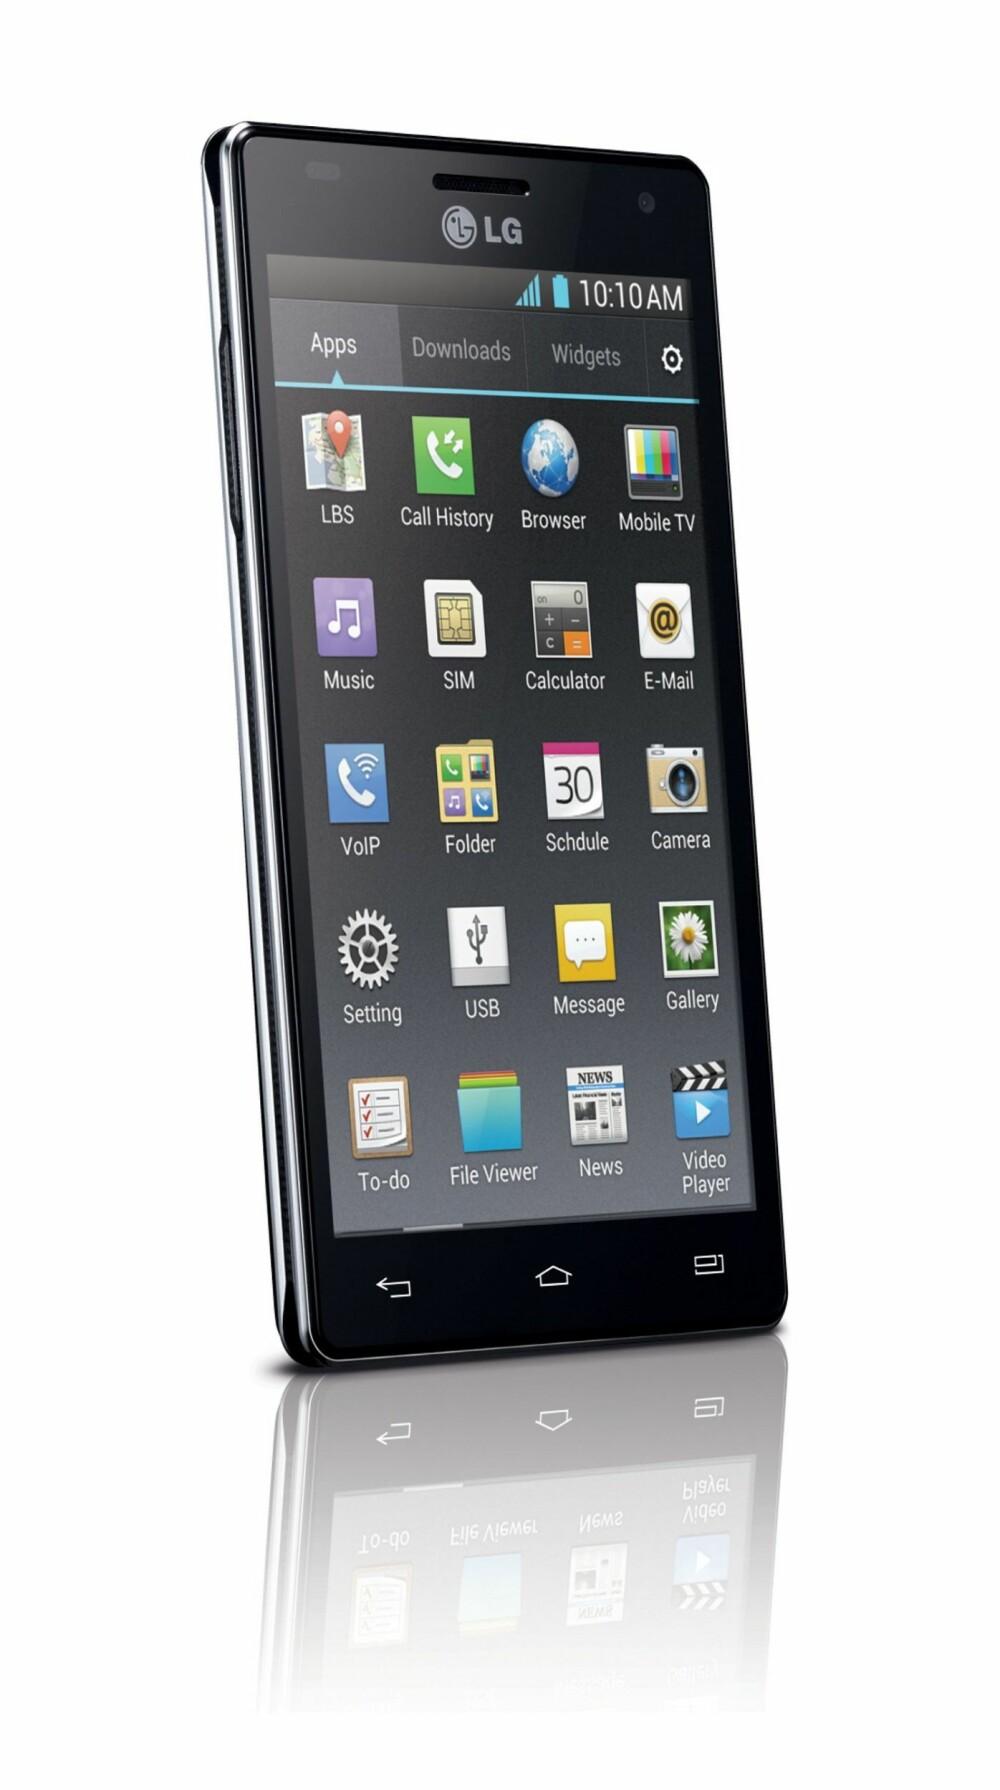 TOPPMODELL: LG Optimus 4X HD er fortsatt en av de råeste mobilene på markedet, men er i øyeblikket latterlig billig.